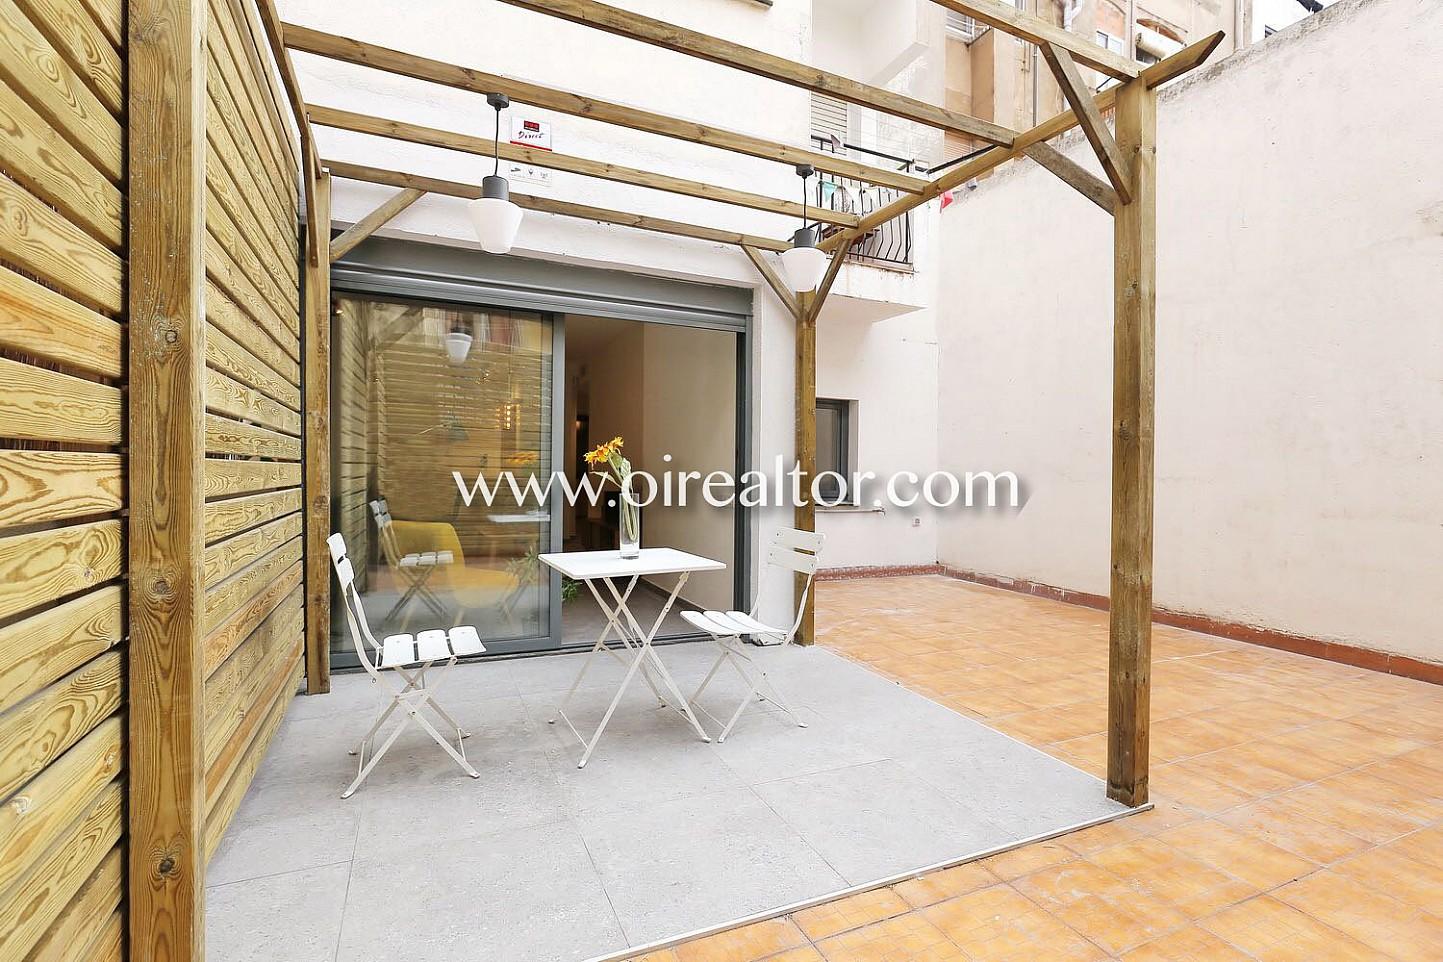 Piso en venta con terraza a estrenar y parking en poble sec barcelona oi realtor - Subastas de pisos en barcelona ...